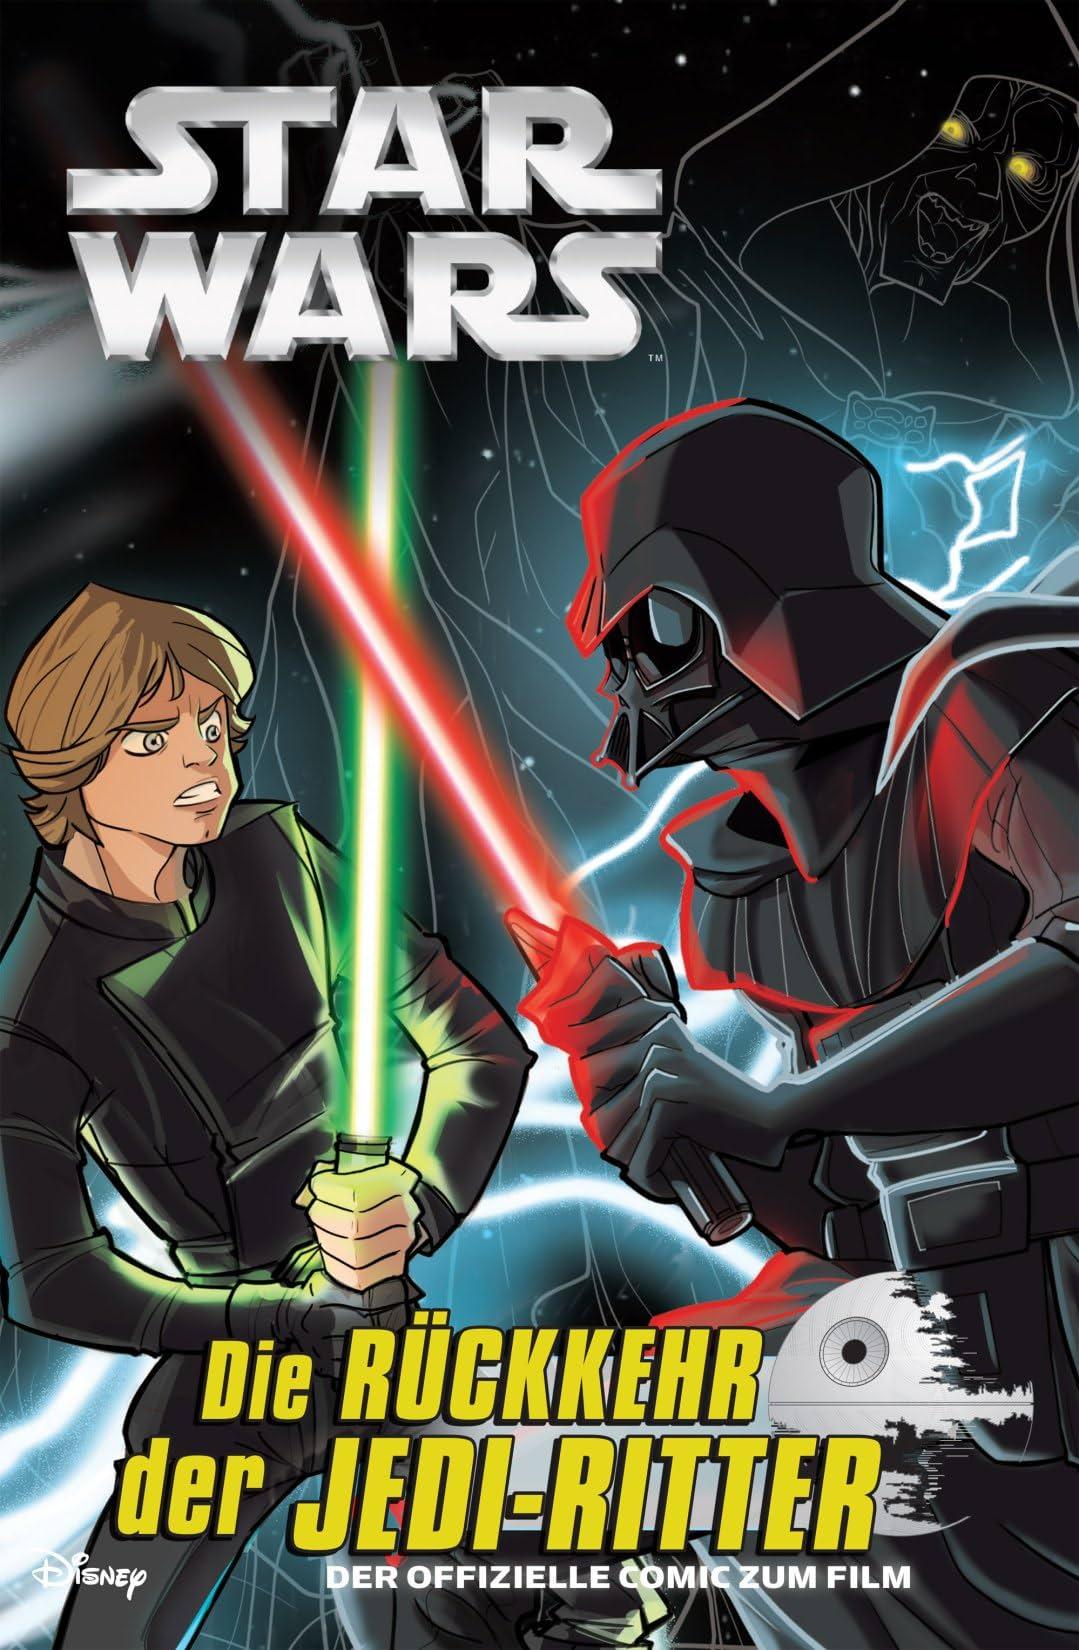 Star Wars: Die Rückkehr der Jedi Ritter Graphic Novel